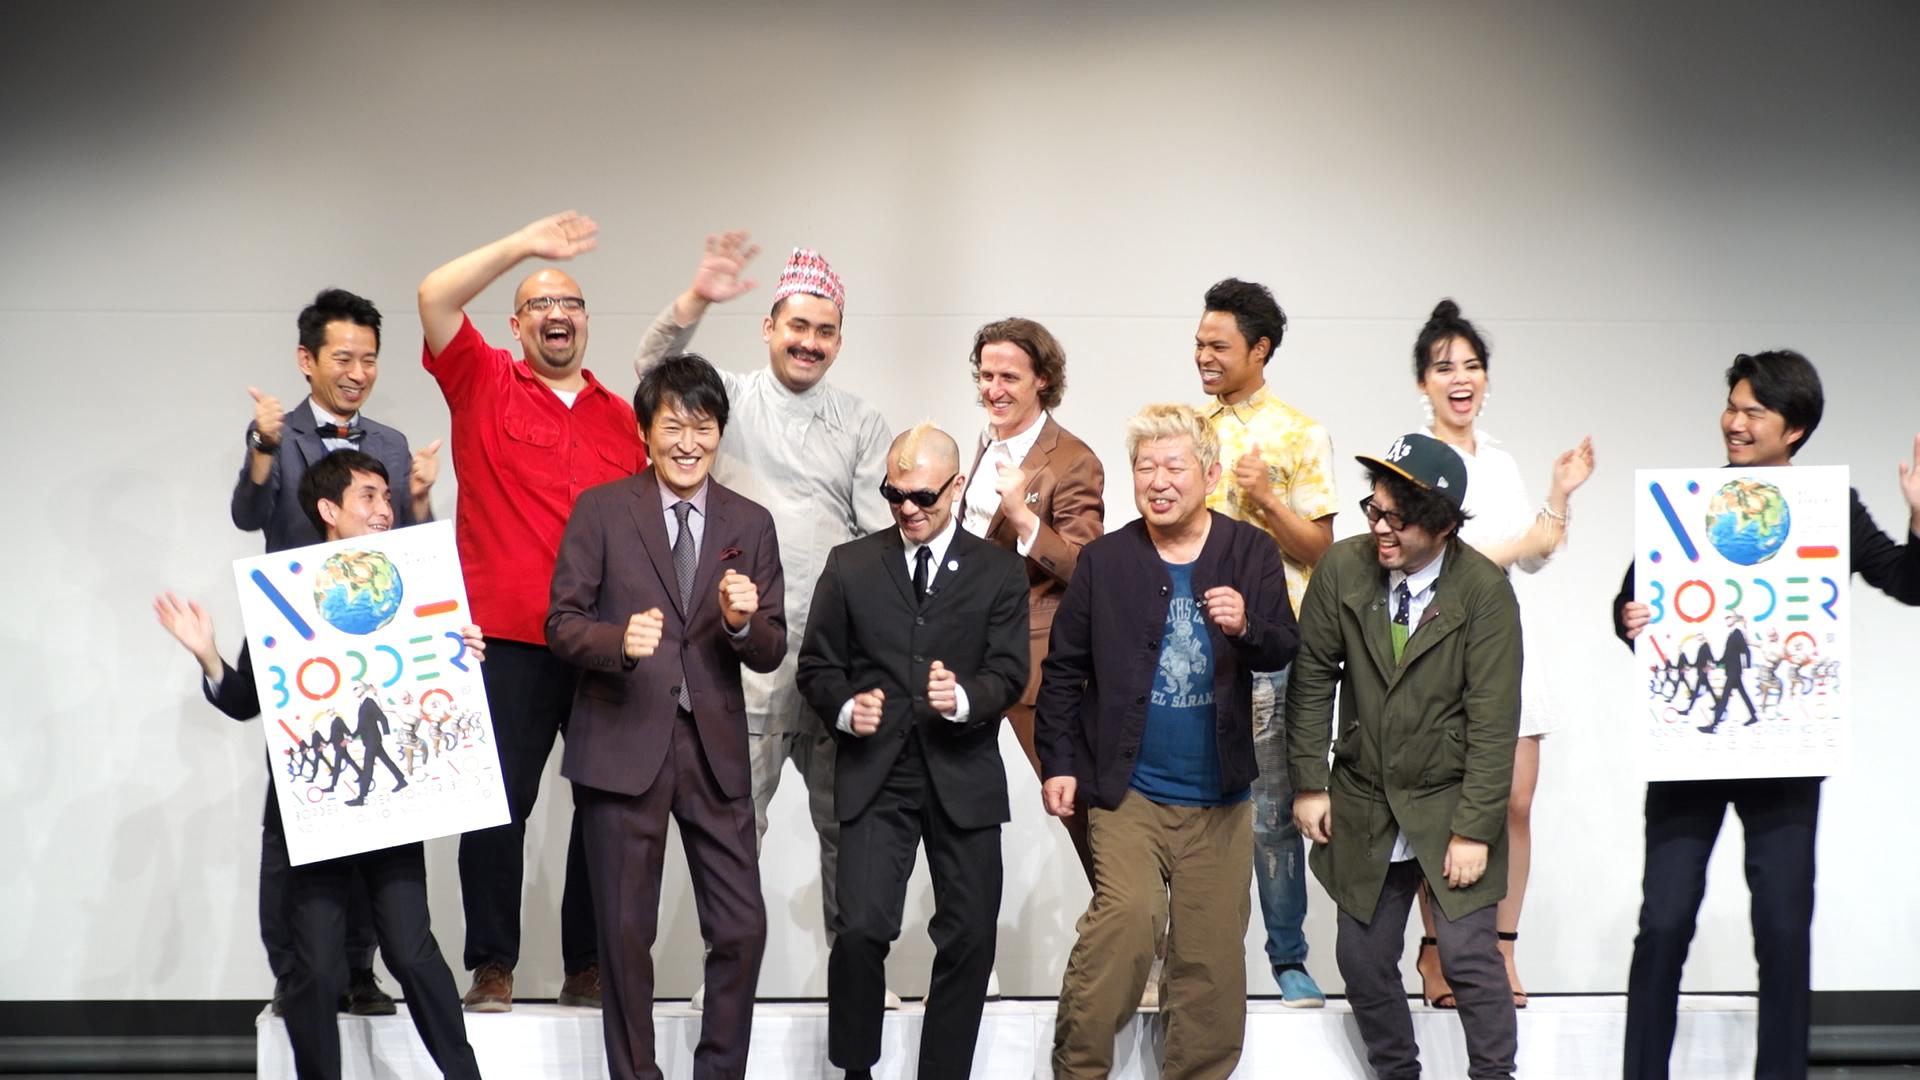 よしもとのハーフ芸人も大集合!観客がアバターになって踊る「NO BORDER」大阪で開催決定!